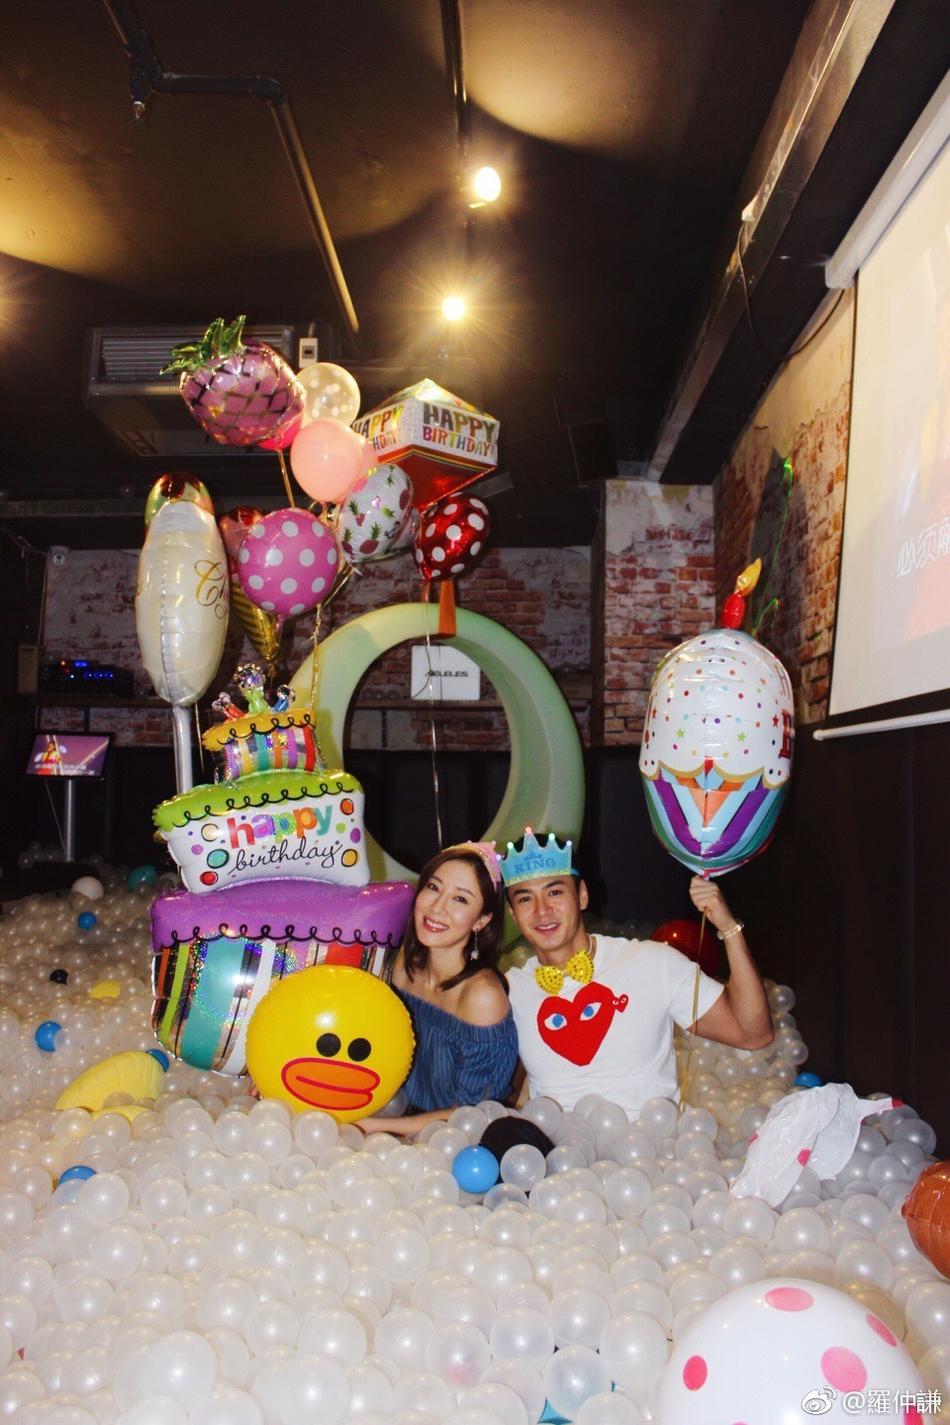 杨怡罗仲谦一起开生日会 这对相差5岁的姐弟恋越来越甜